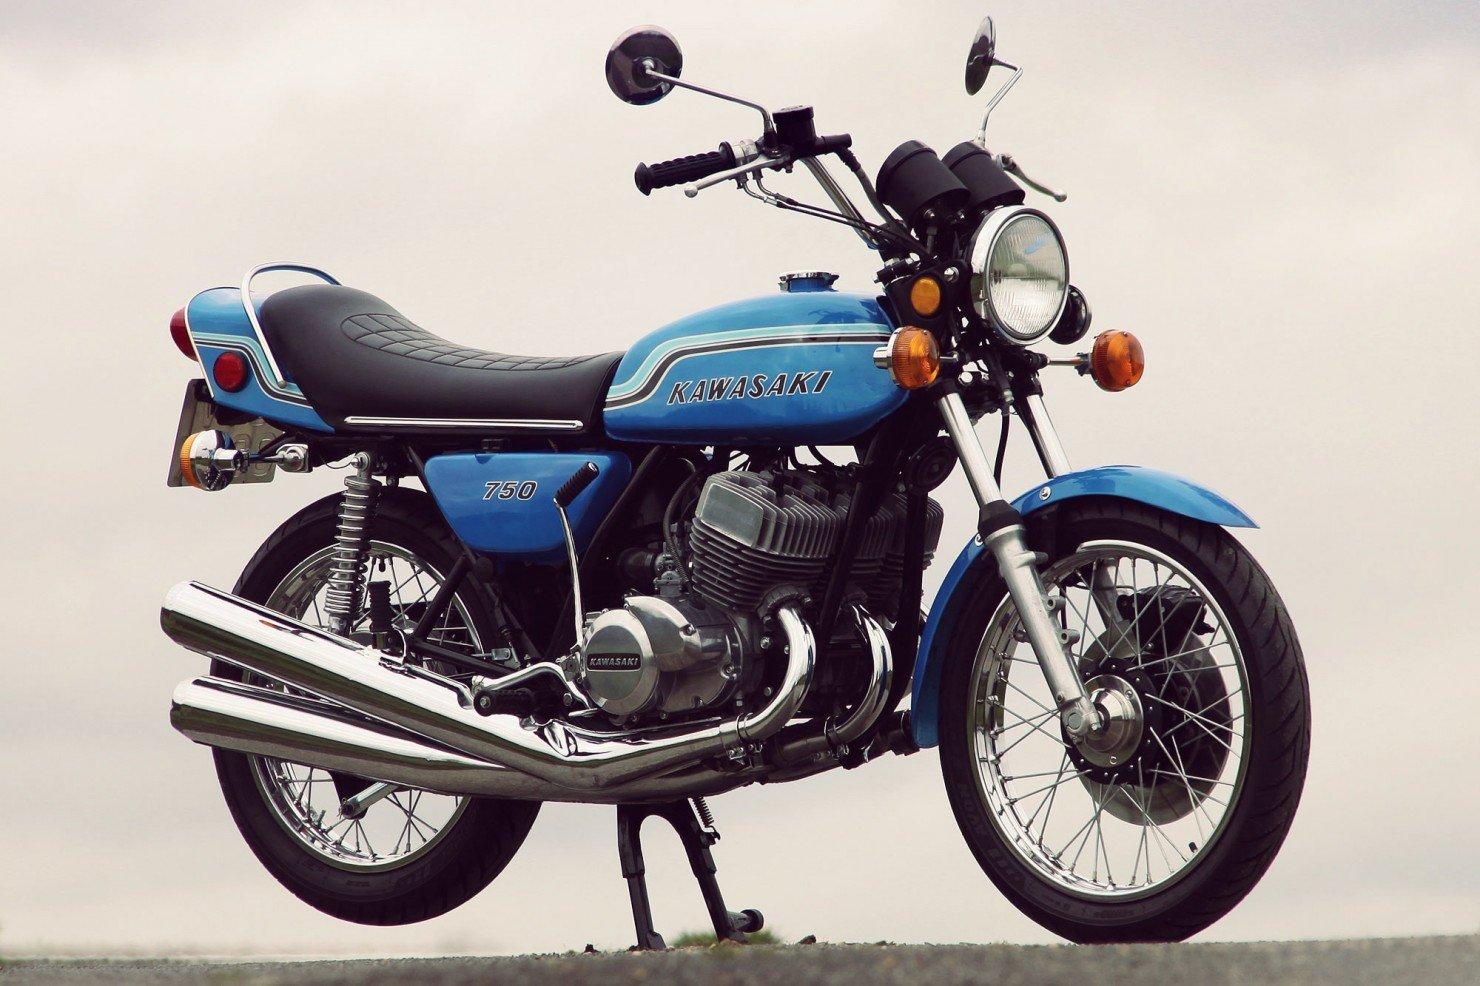 Kawasaki_H2_750_3